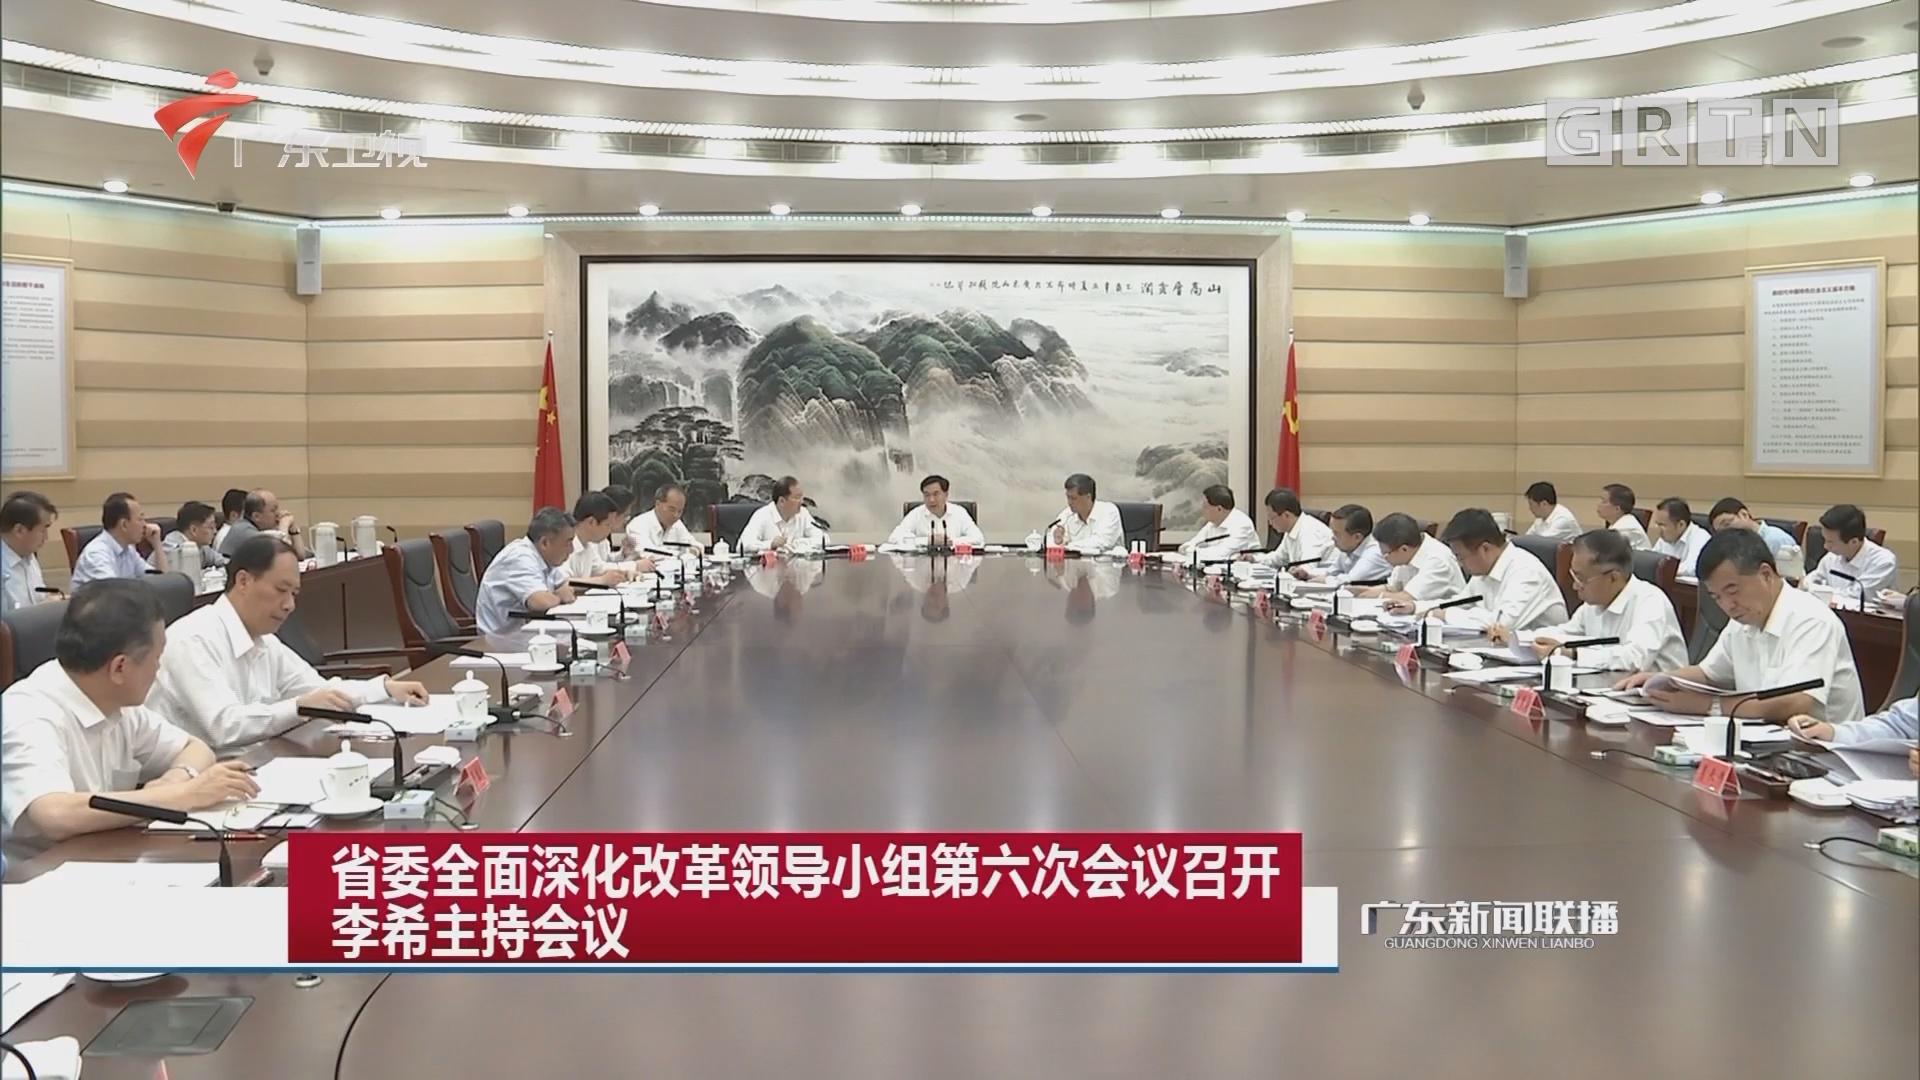 省委全面深化改革领导小组第六次会议召开 李希主持会议